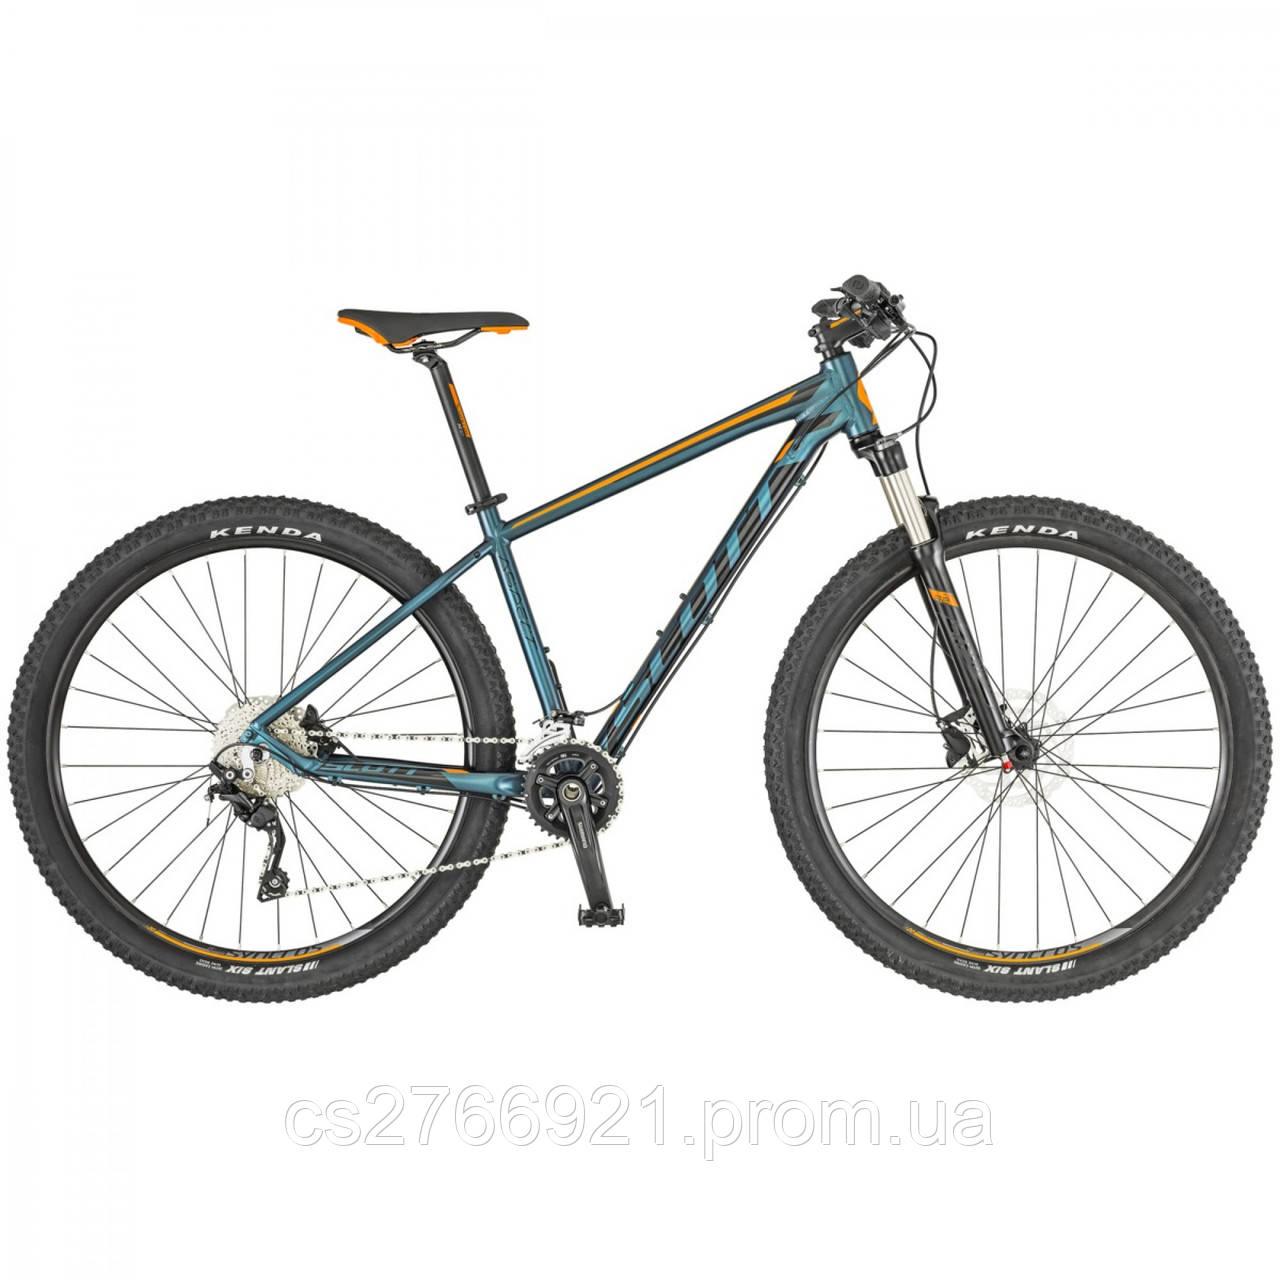 Велосипед SCOTT Aspect 920 зелёно/оранжевый (CN) 19